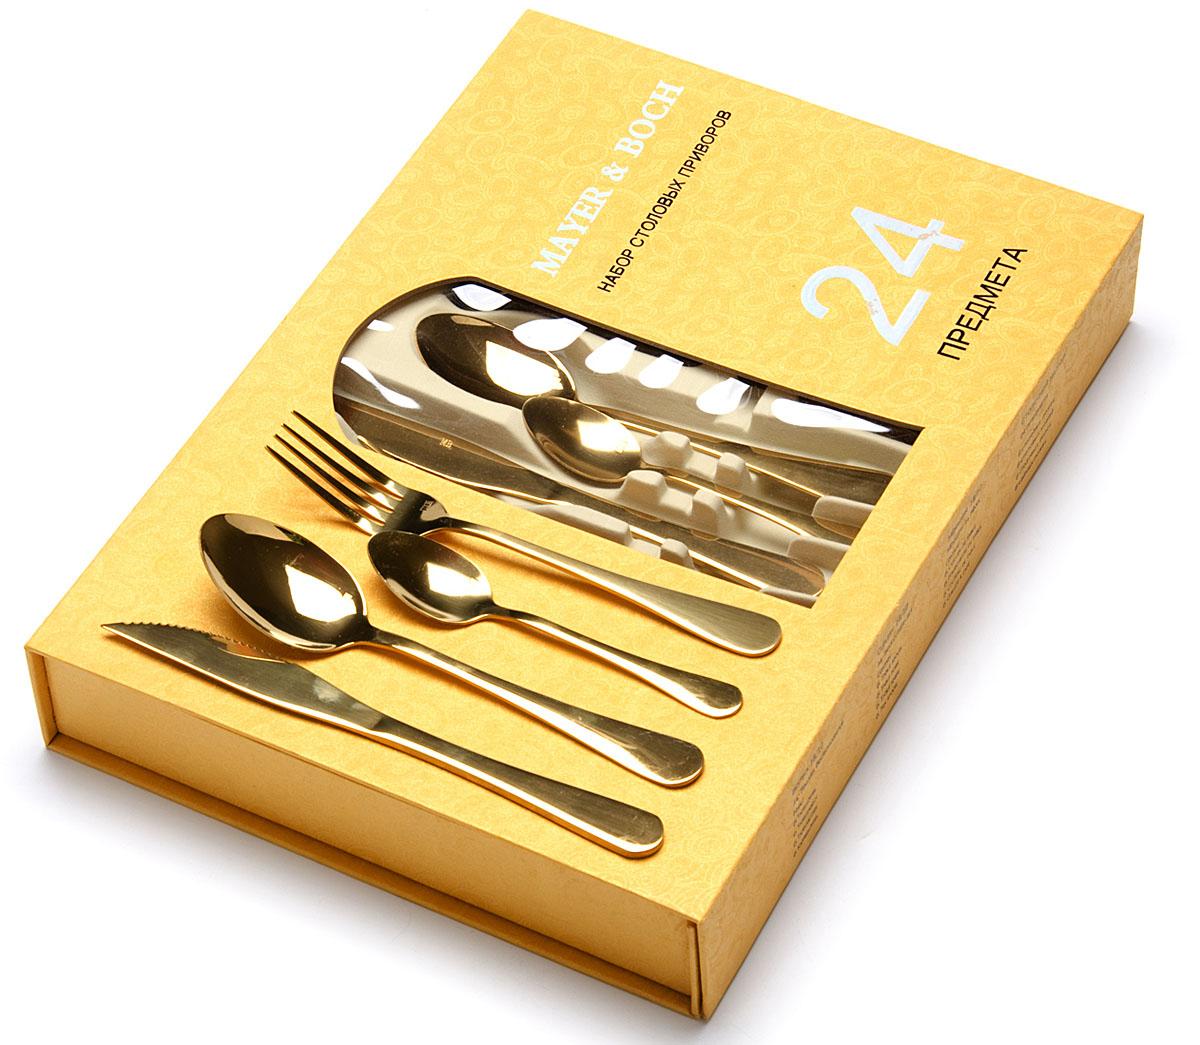 Набор столовых приборов Mayer&Boch, 24 предмета 2644826448Набор столовых приборов MAYER&BOCH на 6 персон выполнен из высококачественной нержавеющей стали, ручки приборов имеют глянцевую полировку.Набор из 24-х предметов включает в себя: 6 столовых ложек, 6 вилок, 6 ножей и 6 чайных ложек.Благодаря качественной полировке, изделия сохраняют прекрасный внешний вид на долгое время. Набор обладает не только оригинальным дизайном, но и практичностью, так как изделия из качественной нержавеющей стали имеют высокую прочность, устойчивость к коррозии, кроме того, нержавеющая сталь экологична, она не меняет вкусовые свойства еды, потому как не вступает в реакцию с ее компонентами.Упакованный в красочную подарочную коробку такой набор безусловно станет прекрасным подарком для любой хозяйки и украсит ваш праздничный стол.